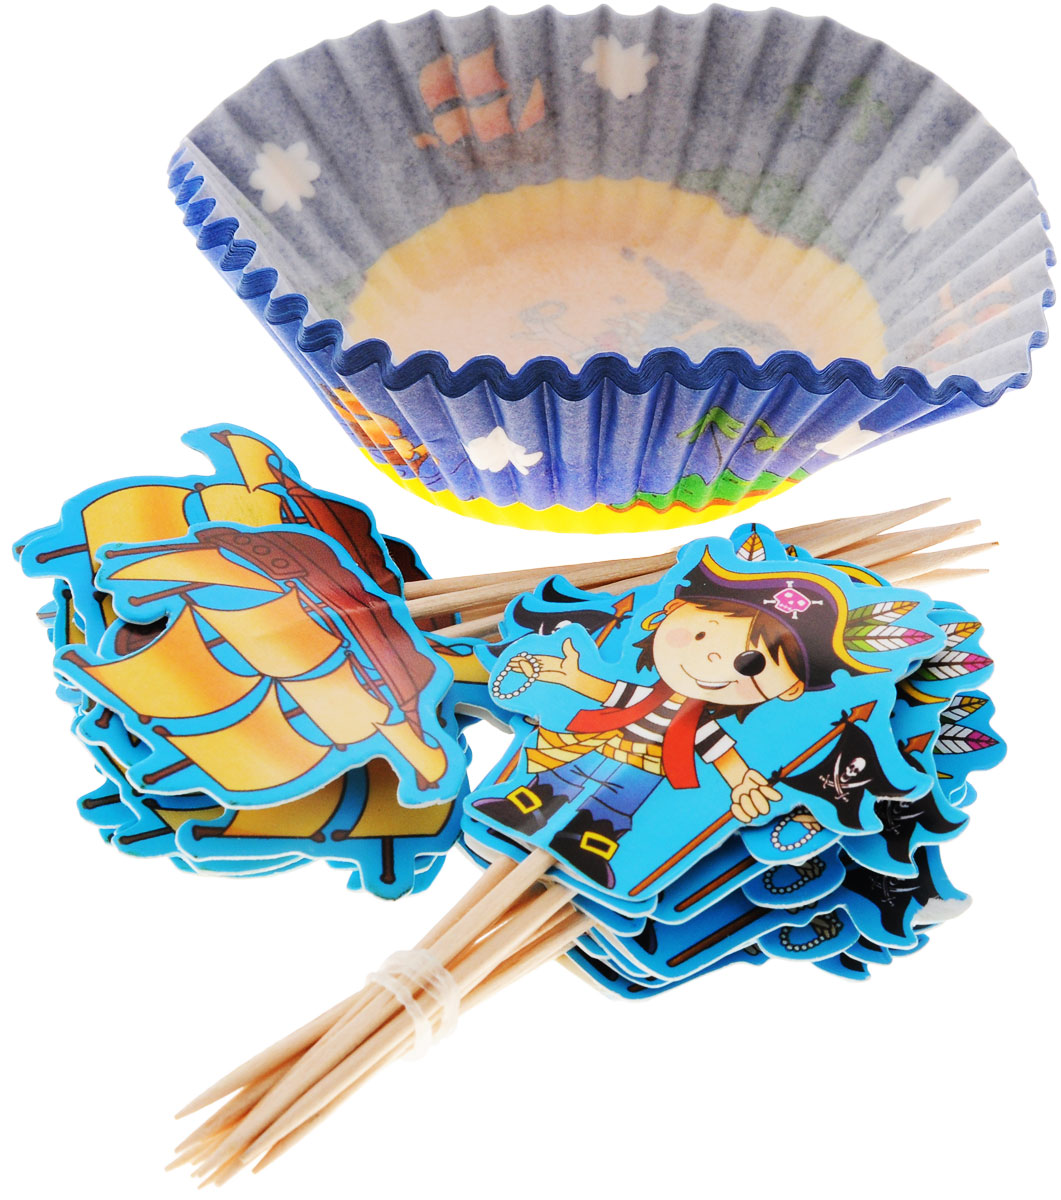 Украсьте пиратский праздник тарталетками с островом сокровищ! В набор входят 24 корсарские тарталетки, 12 пик для украшения маффинов с пиратом и 12 пик с корабликом. Вы также можете использовать пики отдельно как шпажки для канапе. Бумажные тарталетки можно использовать для упаковки или для непосредственной выпечки кексов. Чтобы приготовить угощения в тарталетках, вы можете предварительно поставить их в поддерживающую силиконовую или металлическую форму, заполнить тестом и выпекать кексы. Второй вариант использования - поставить в тарталетки уже готовую выпечку, монпасье, сухофрукты, орешки и другие сладости. Тарталетки не обязательно заполнять сладким, с таким же успехом можно насыпать в них алмазы и рубины, пиастры и дублоны!